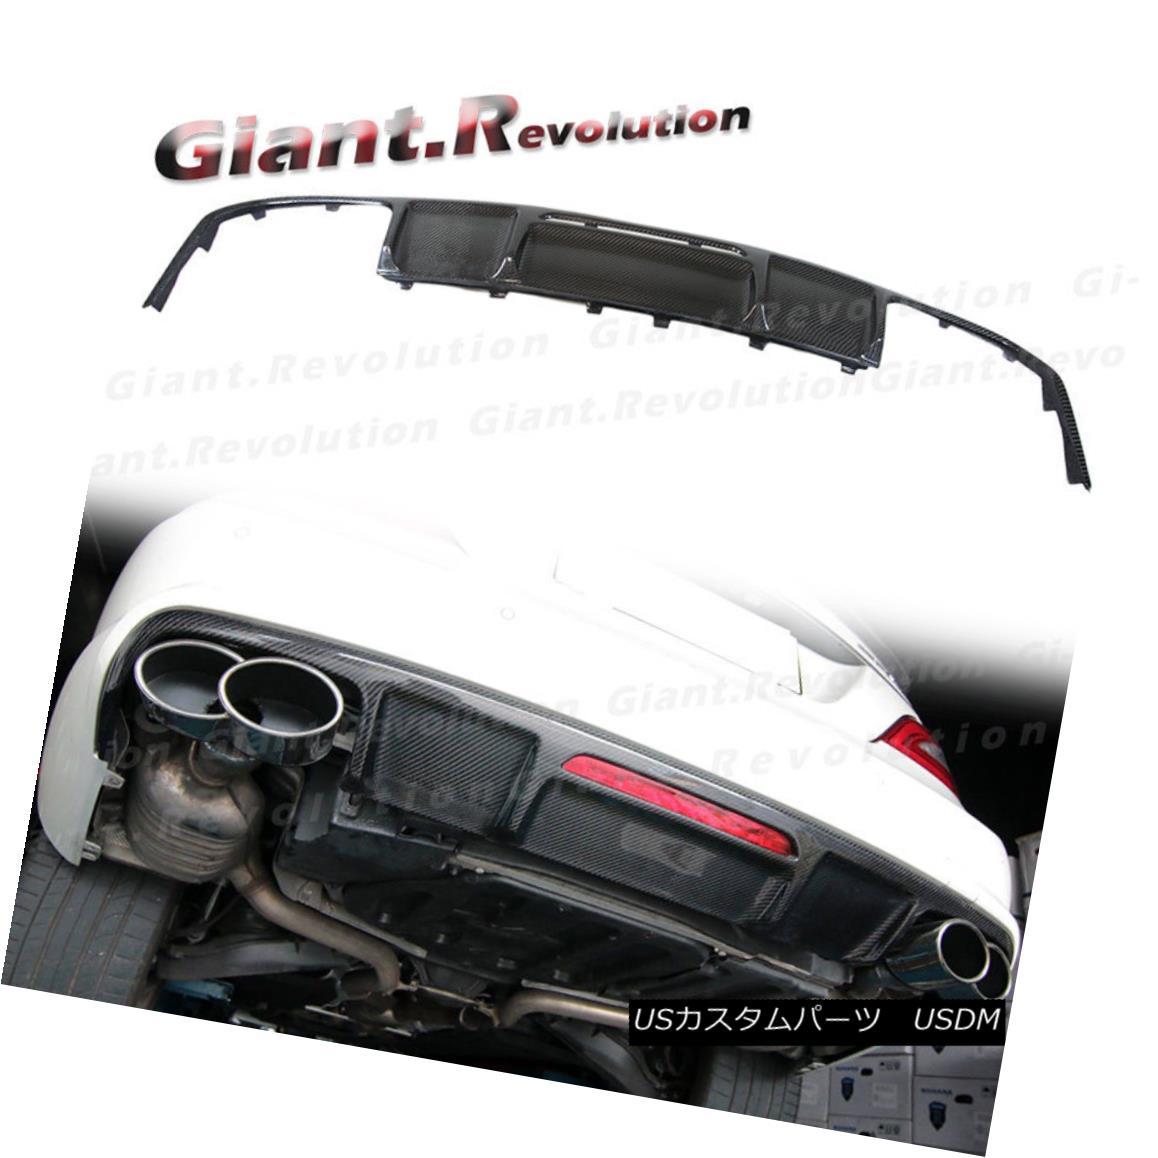 エアロパーツ Carbon Fiber Rear Sporty Diffuser Lip For 11-16 MB W218 CLS350 CLS63 AMG Bumper 11-16 MB W218 CLS350 CLS63 AMGバンパーのための炭素繊維の後部のスポーティーなディフューザリップ